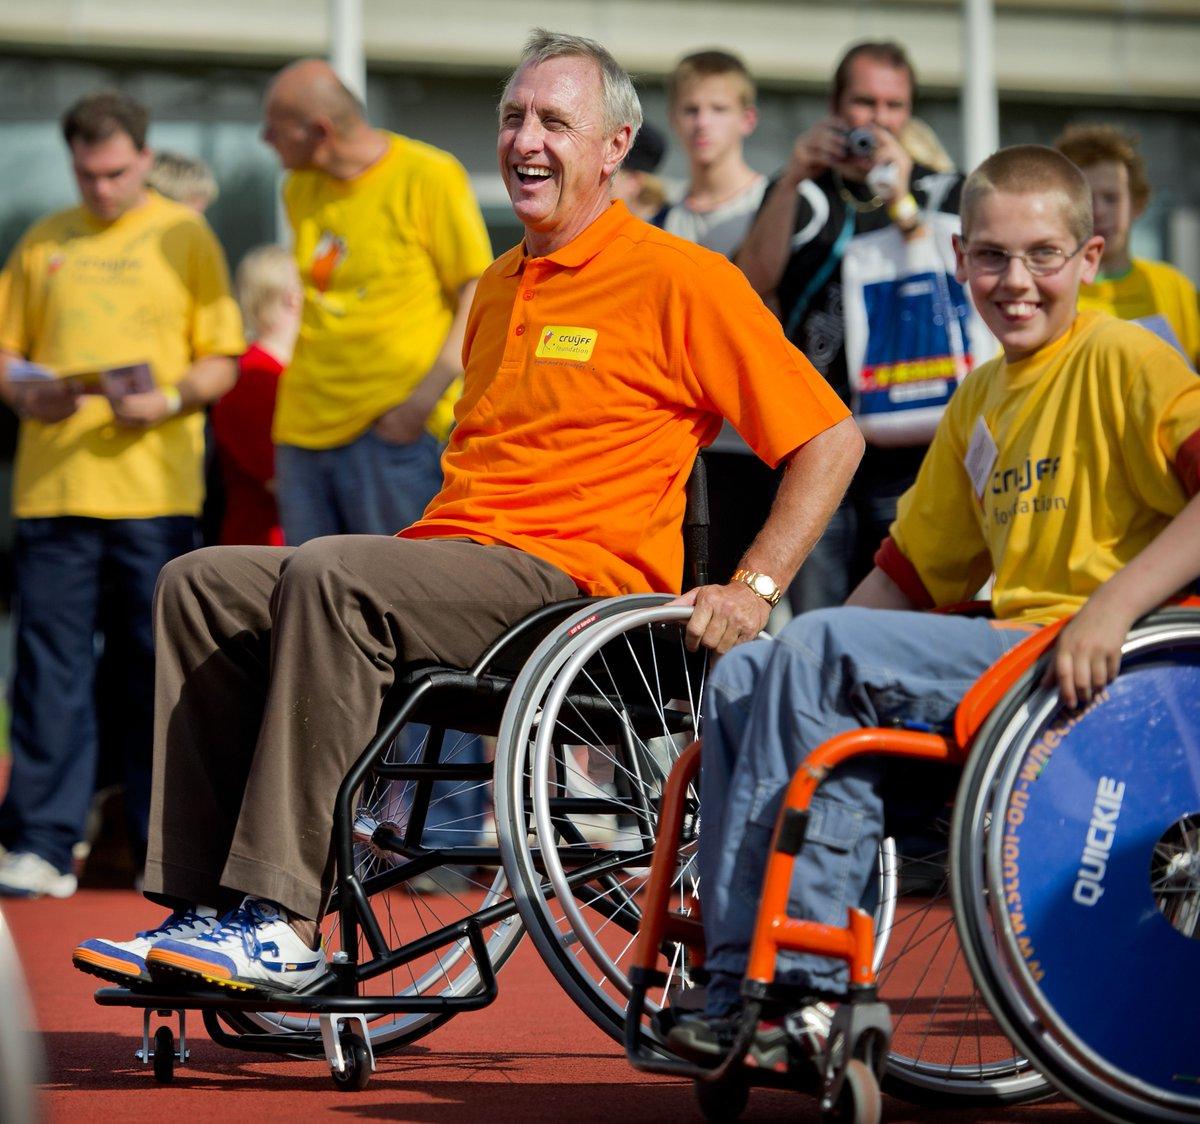 Vandaag is onze naamgever @JohanCruyff jarig! RT als je hem ook feliciteert met zijn verjaardag. http://t.co/TK1pp6Lj3m